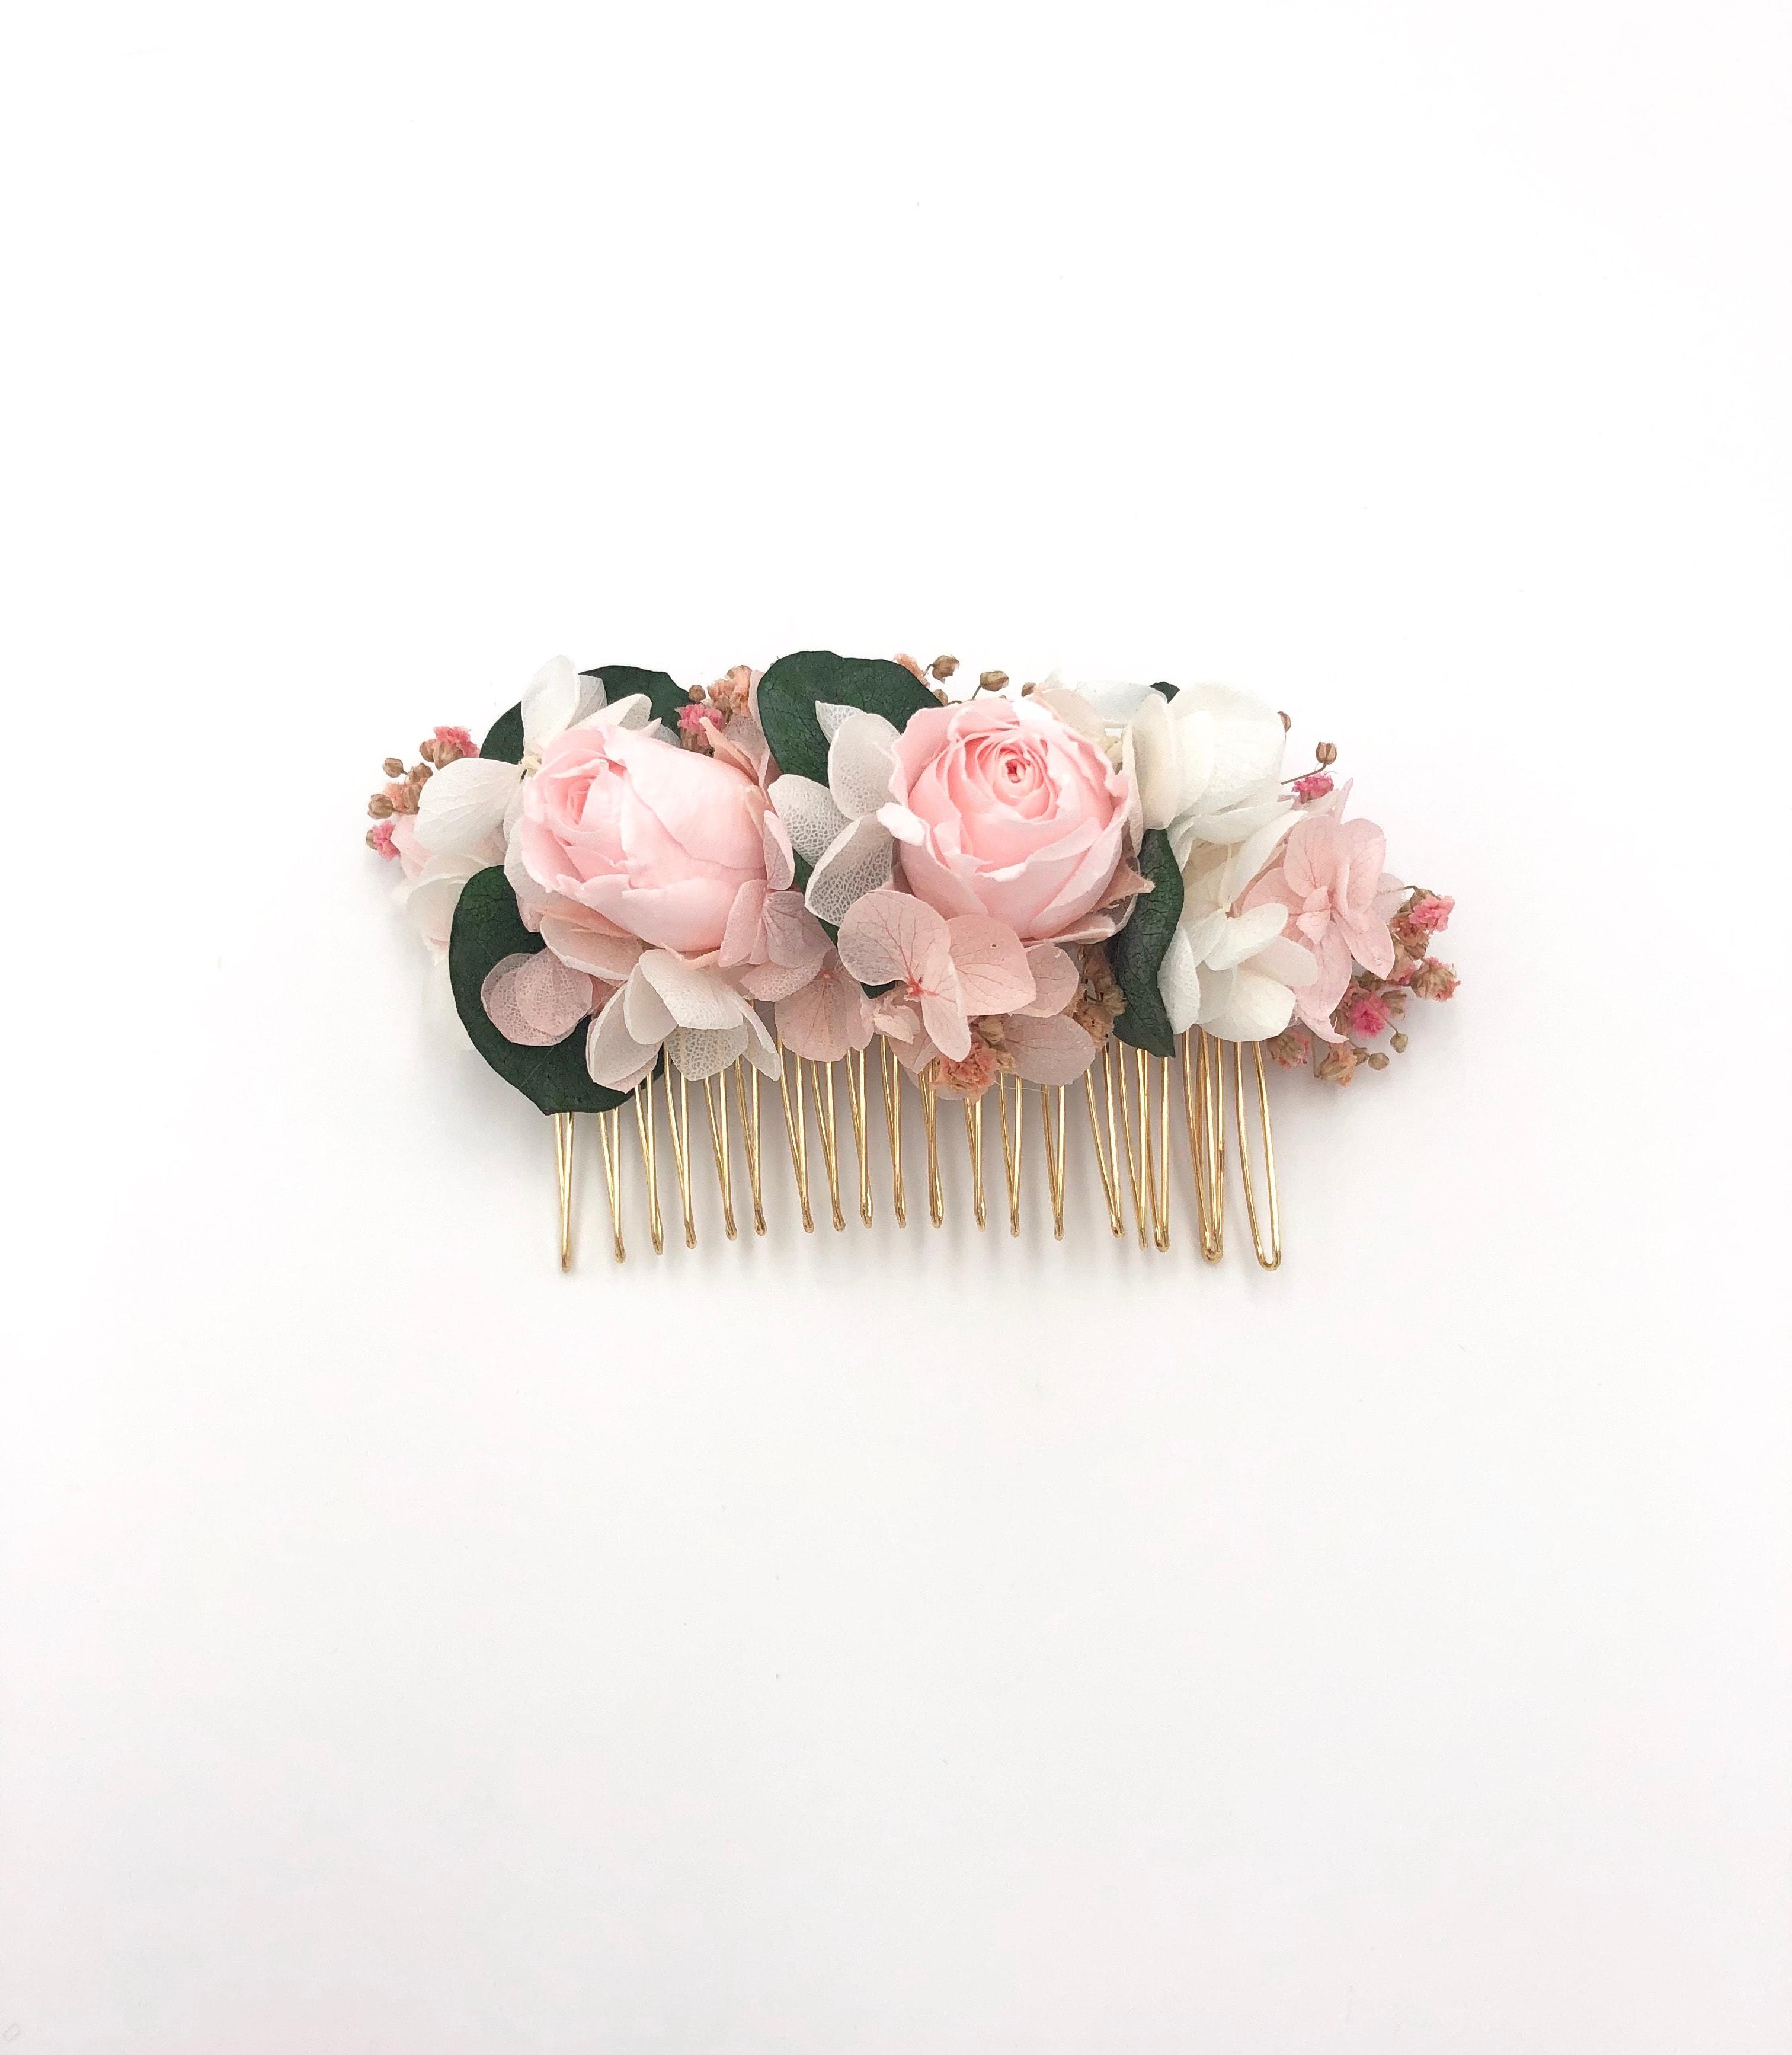 remise pour vente techniques modernes nouvelle collection Peigne Confetti - Collection Romantique